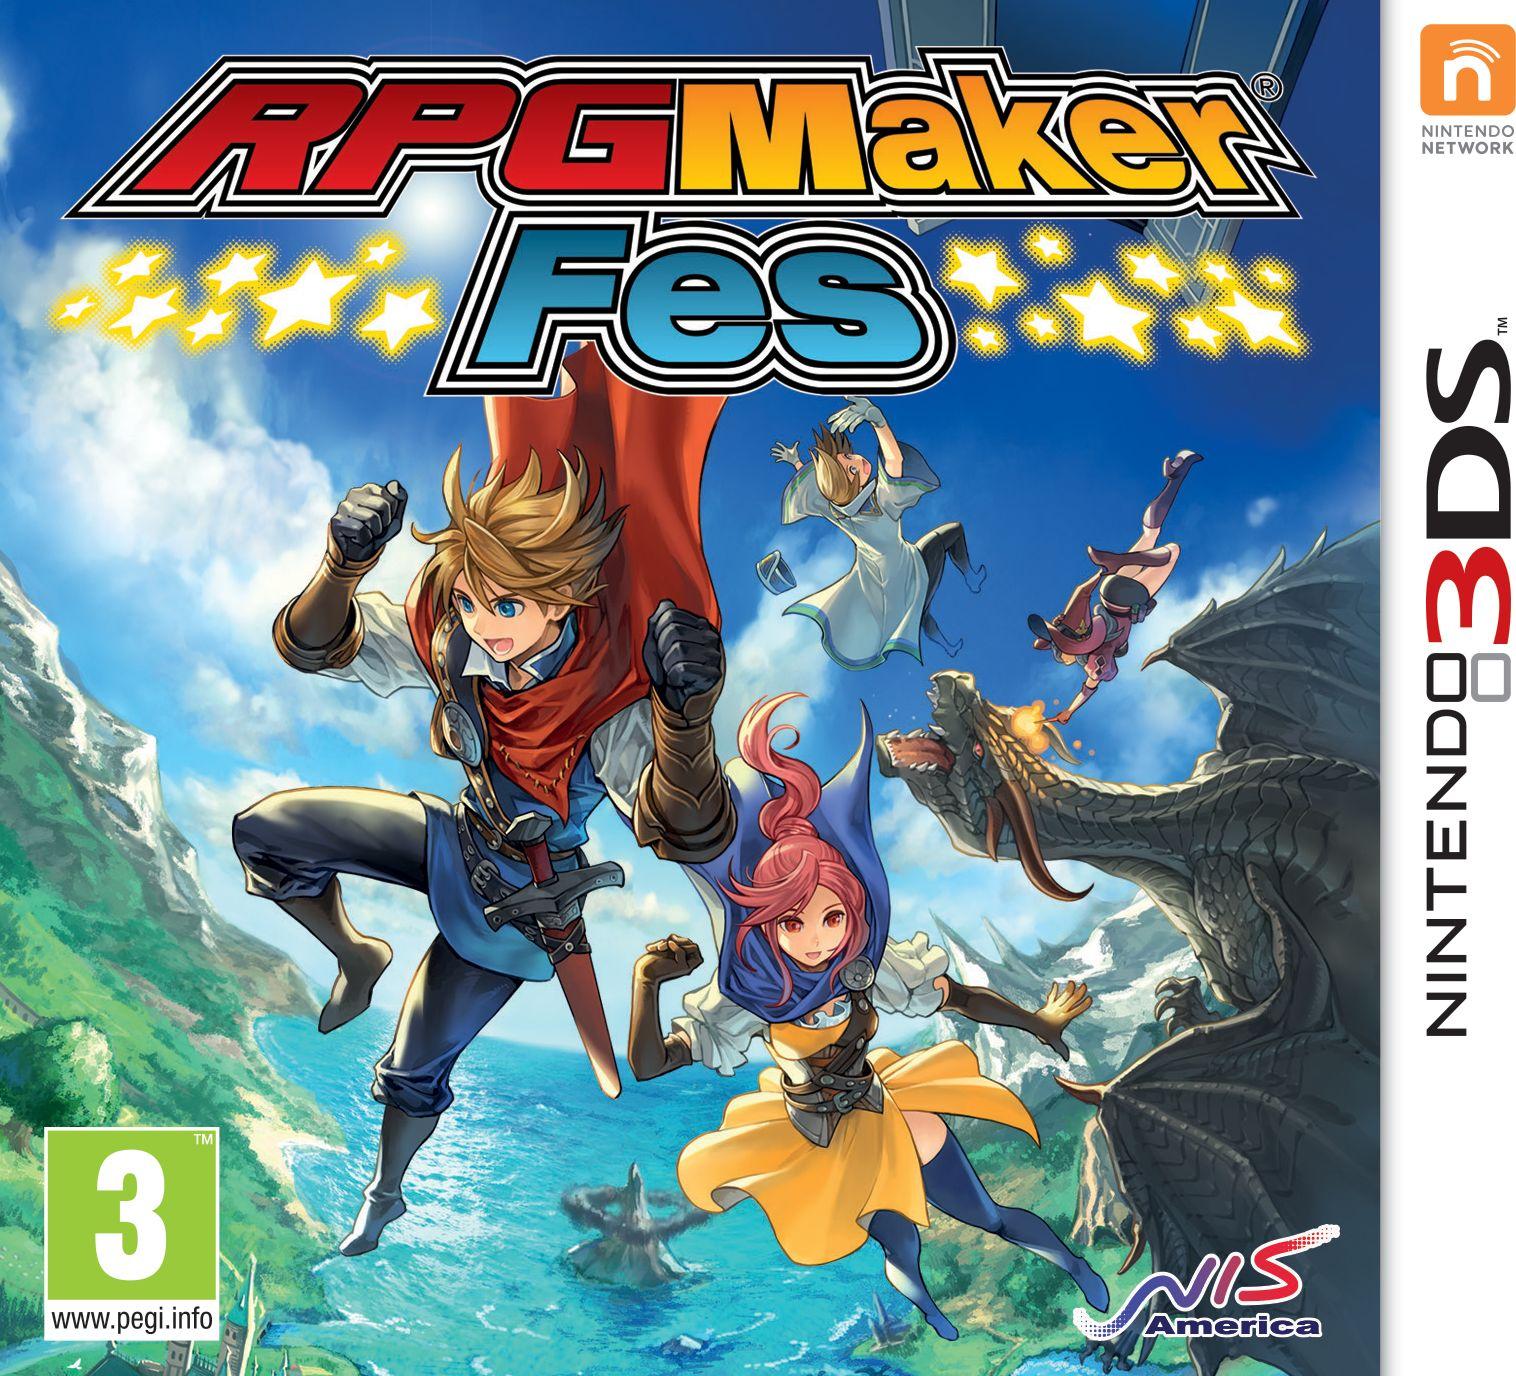 Gra RPG Maker Fes (Nintendo 3DS)